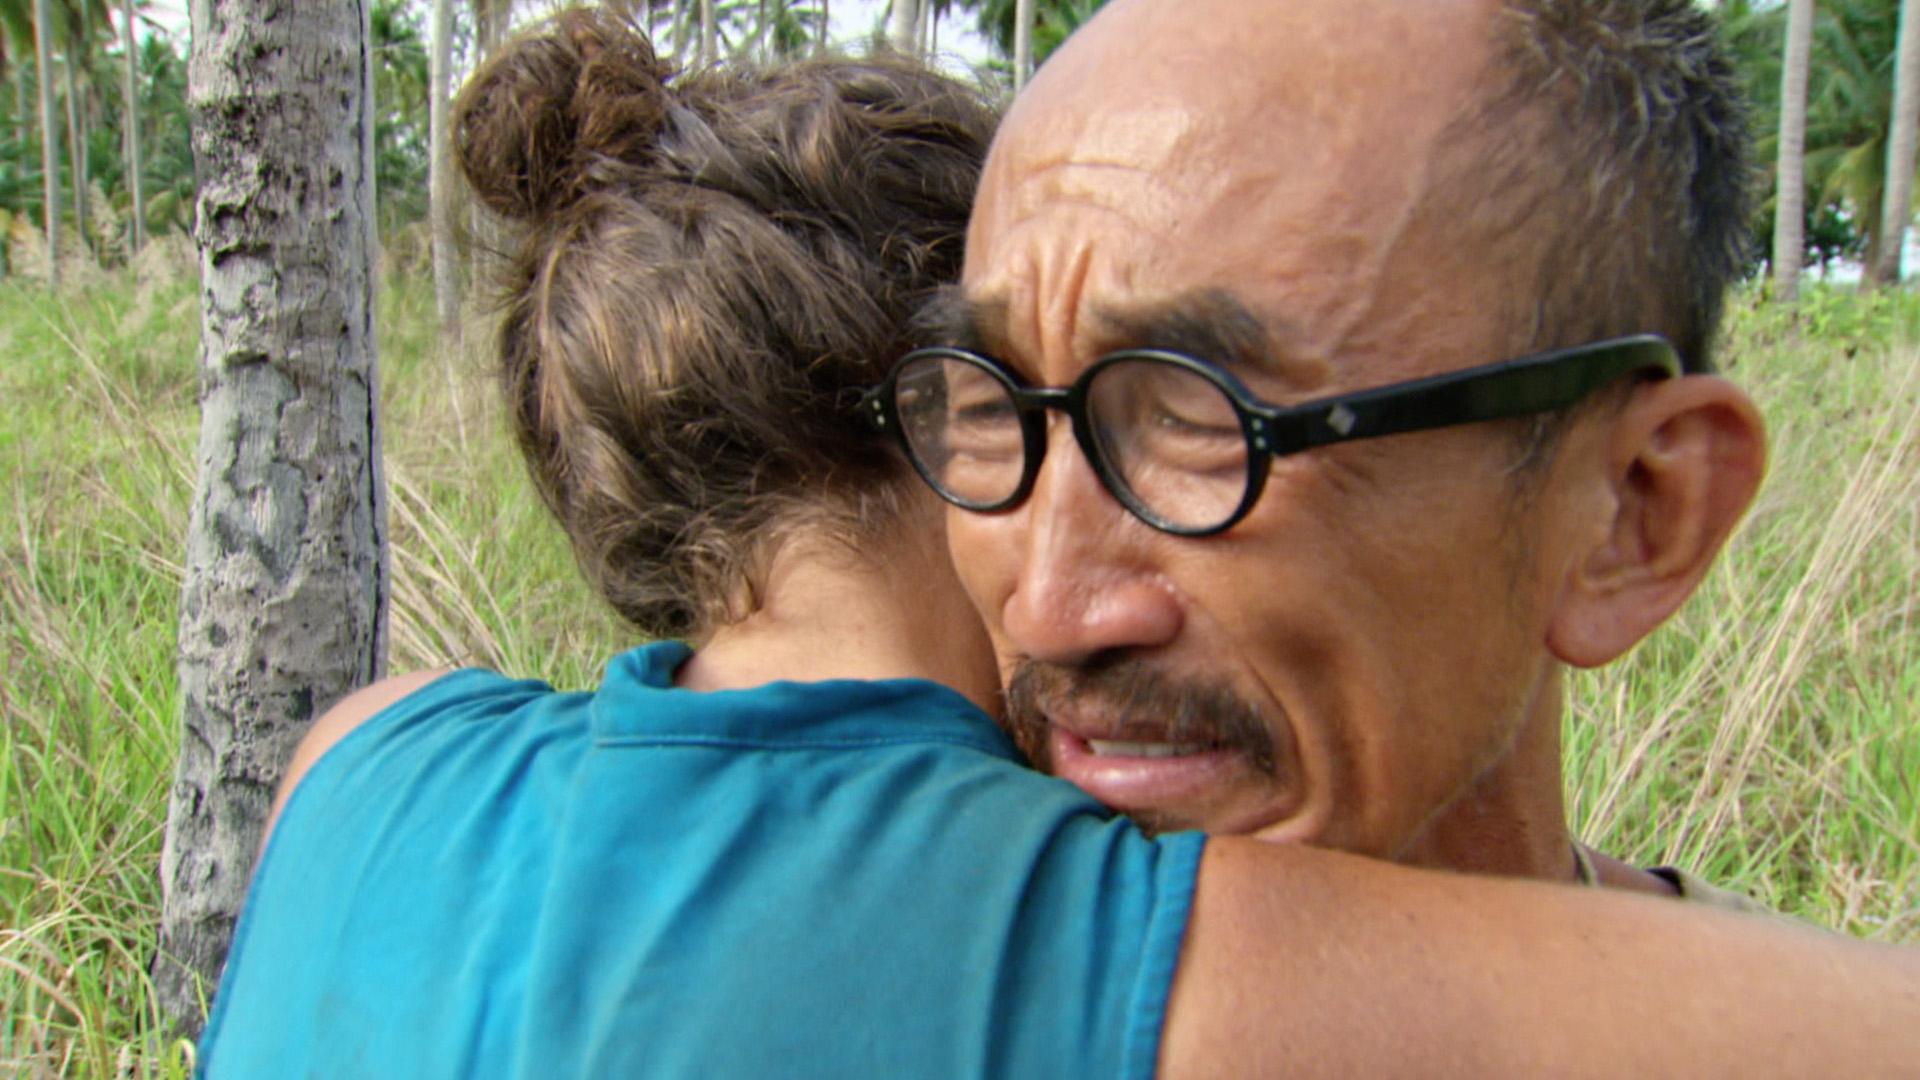 Tai and Aubry share a warm embrace.